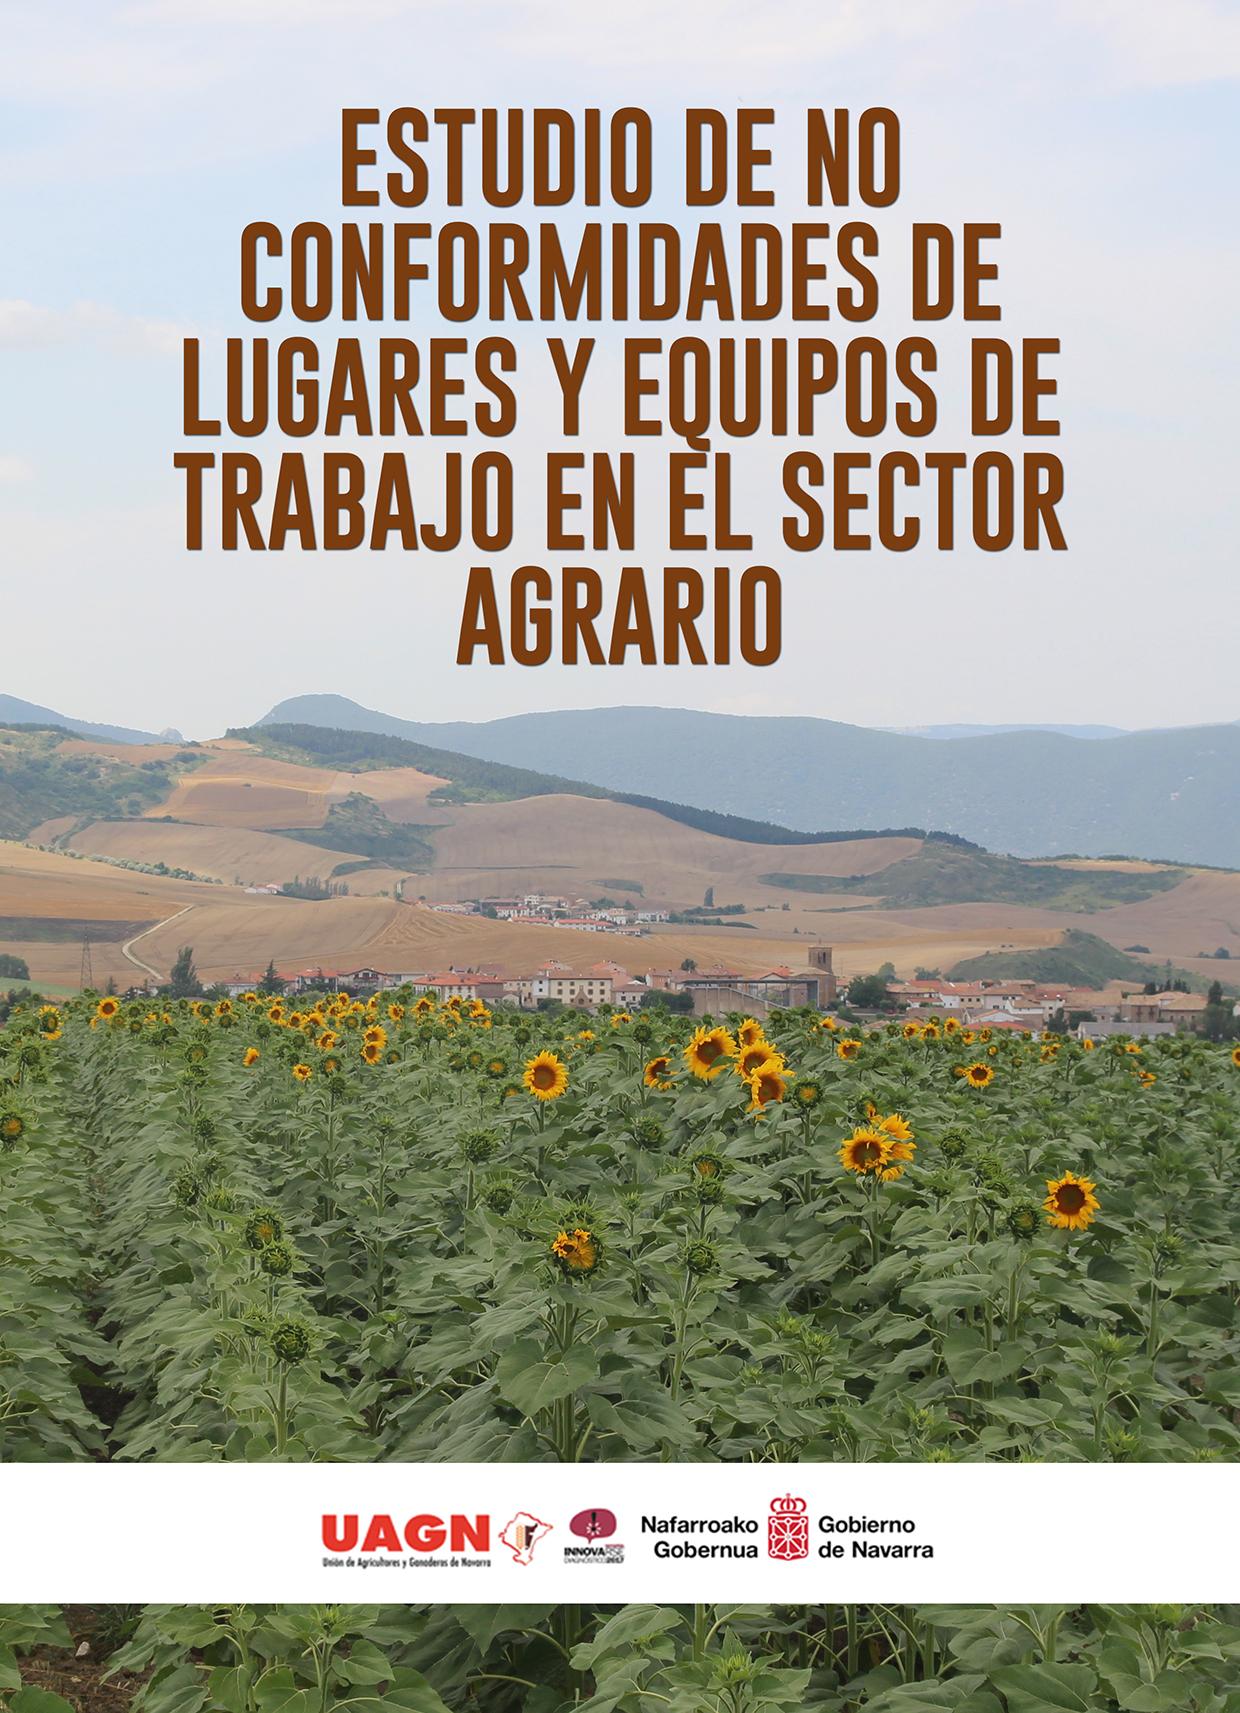 Estudio de no conformidades de lugares y equipos de trabajo en el sector agrario